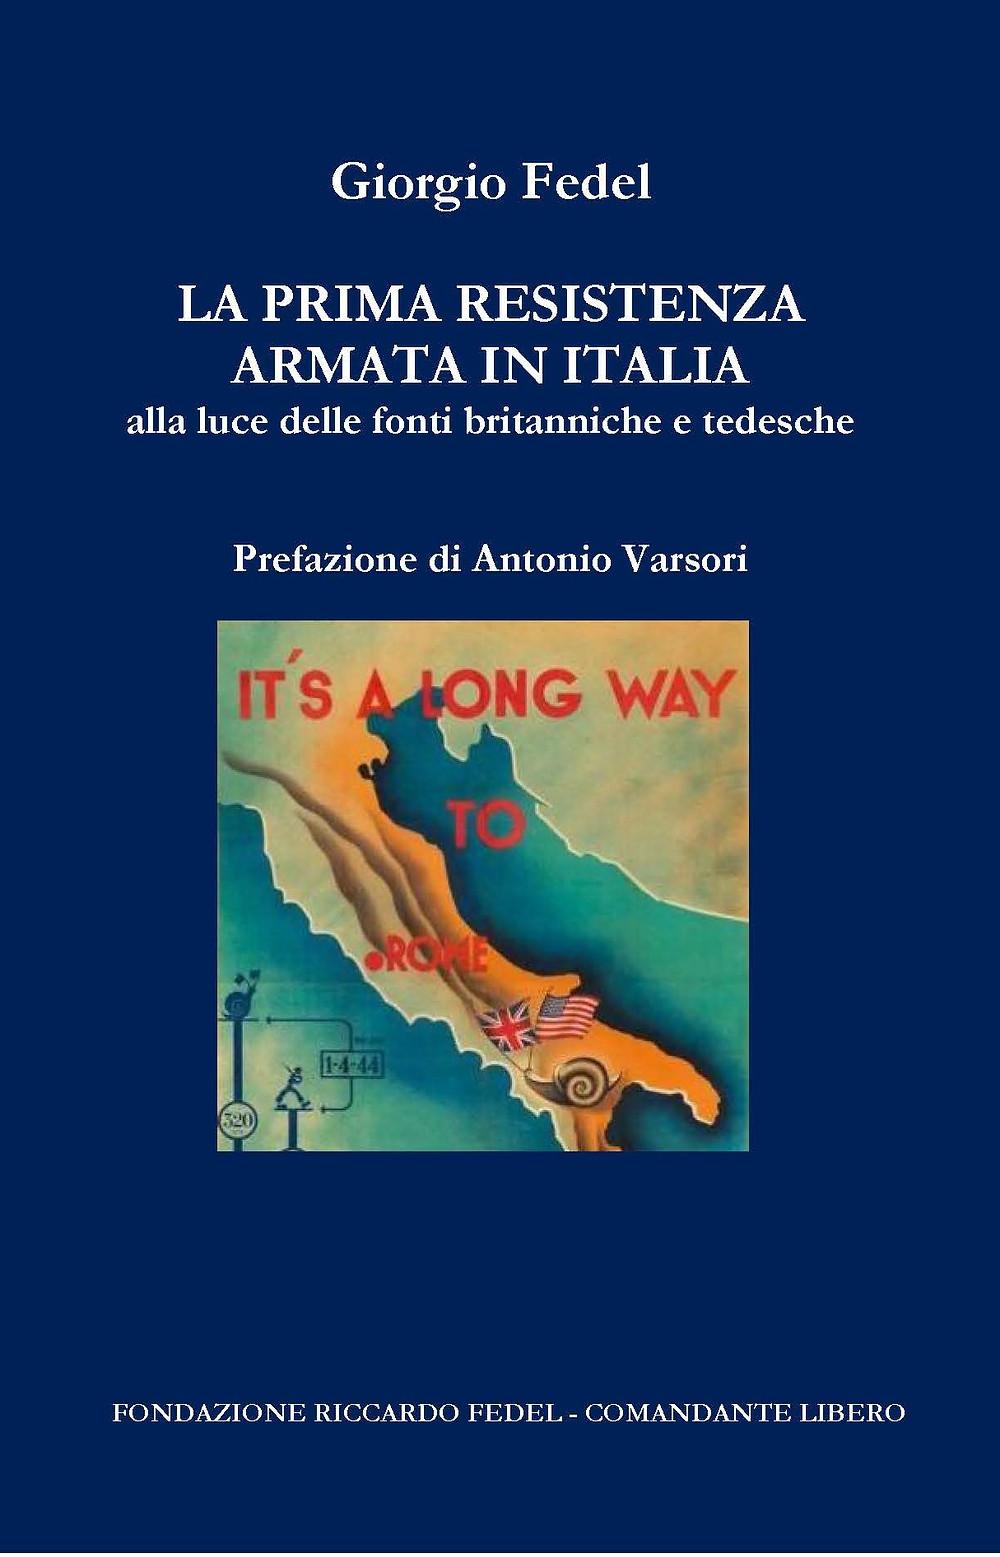 copertina la prima resistenza armata in italia.jpg